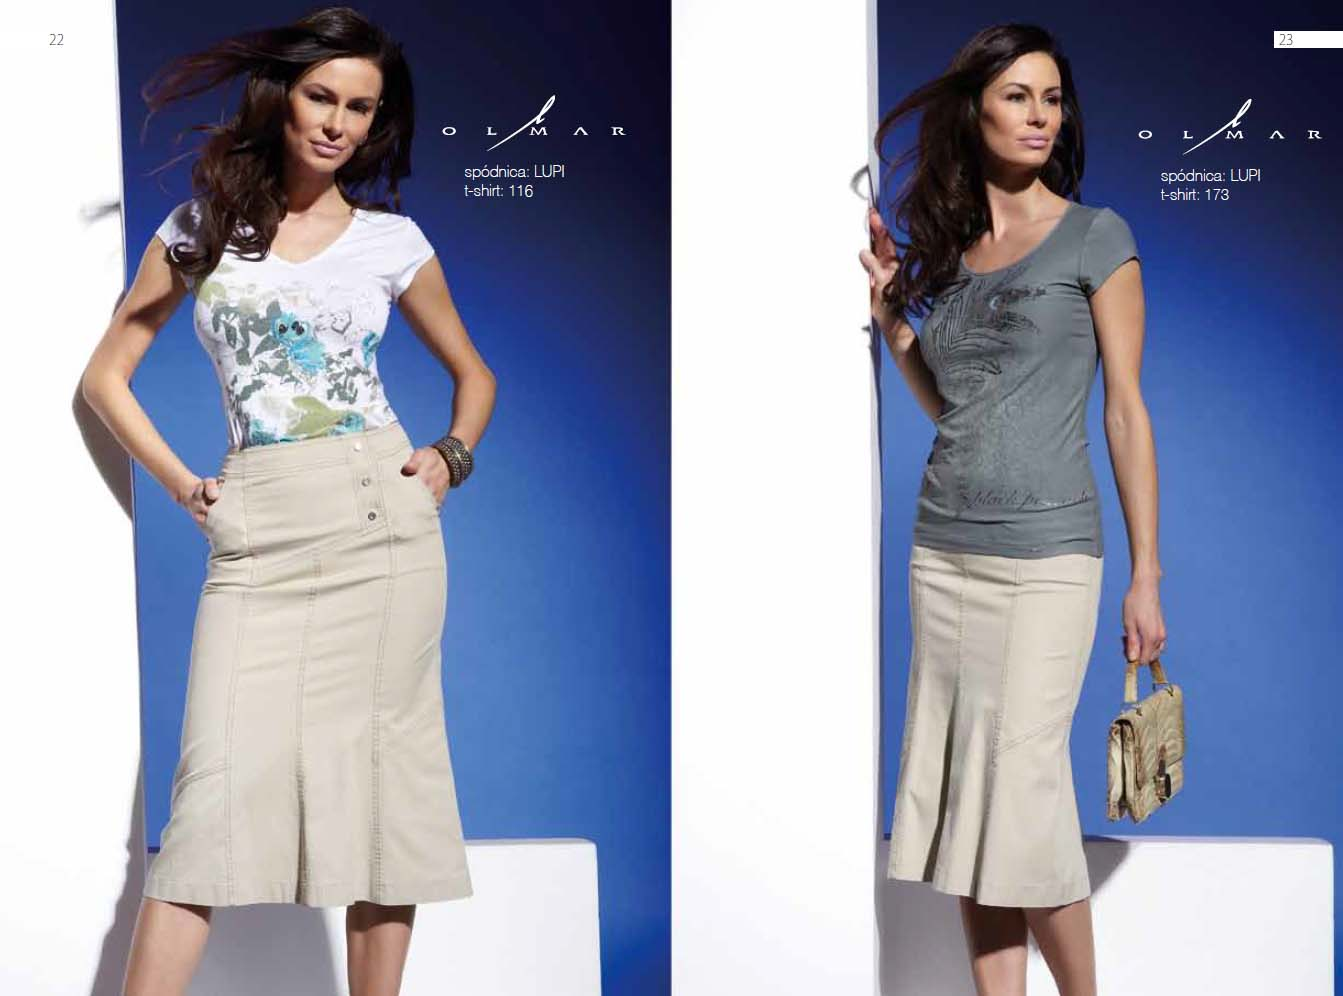 Женская Одежда Олмар Где Купить